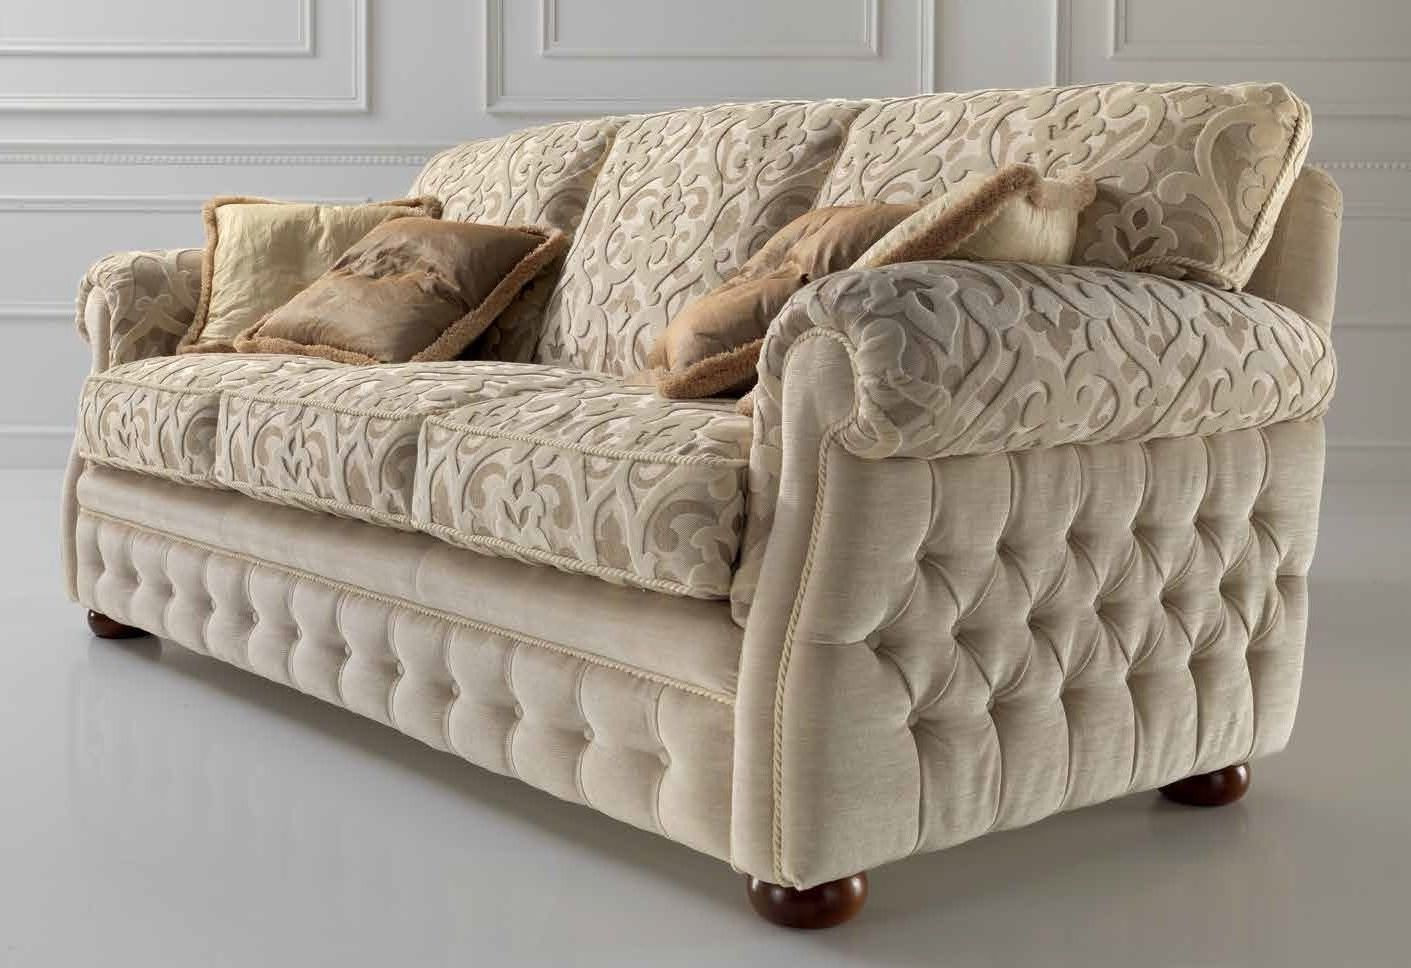 химчистка мягкой мебели Домодедово цены